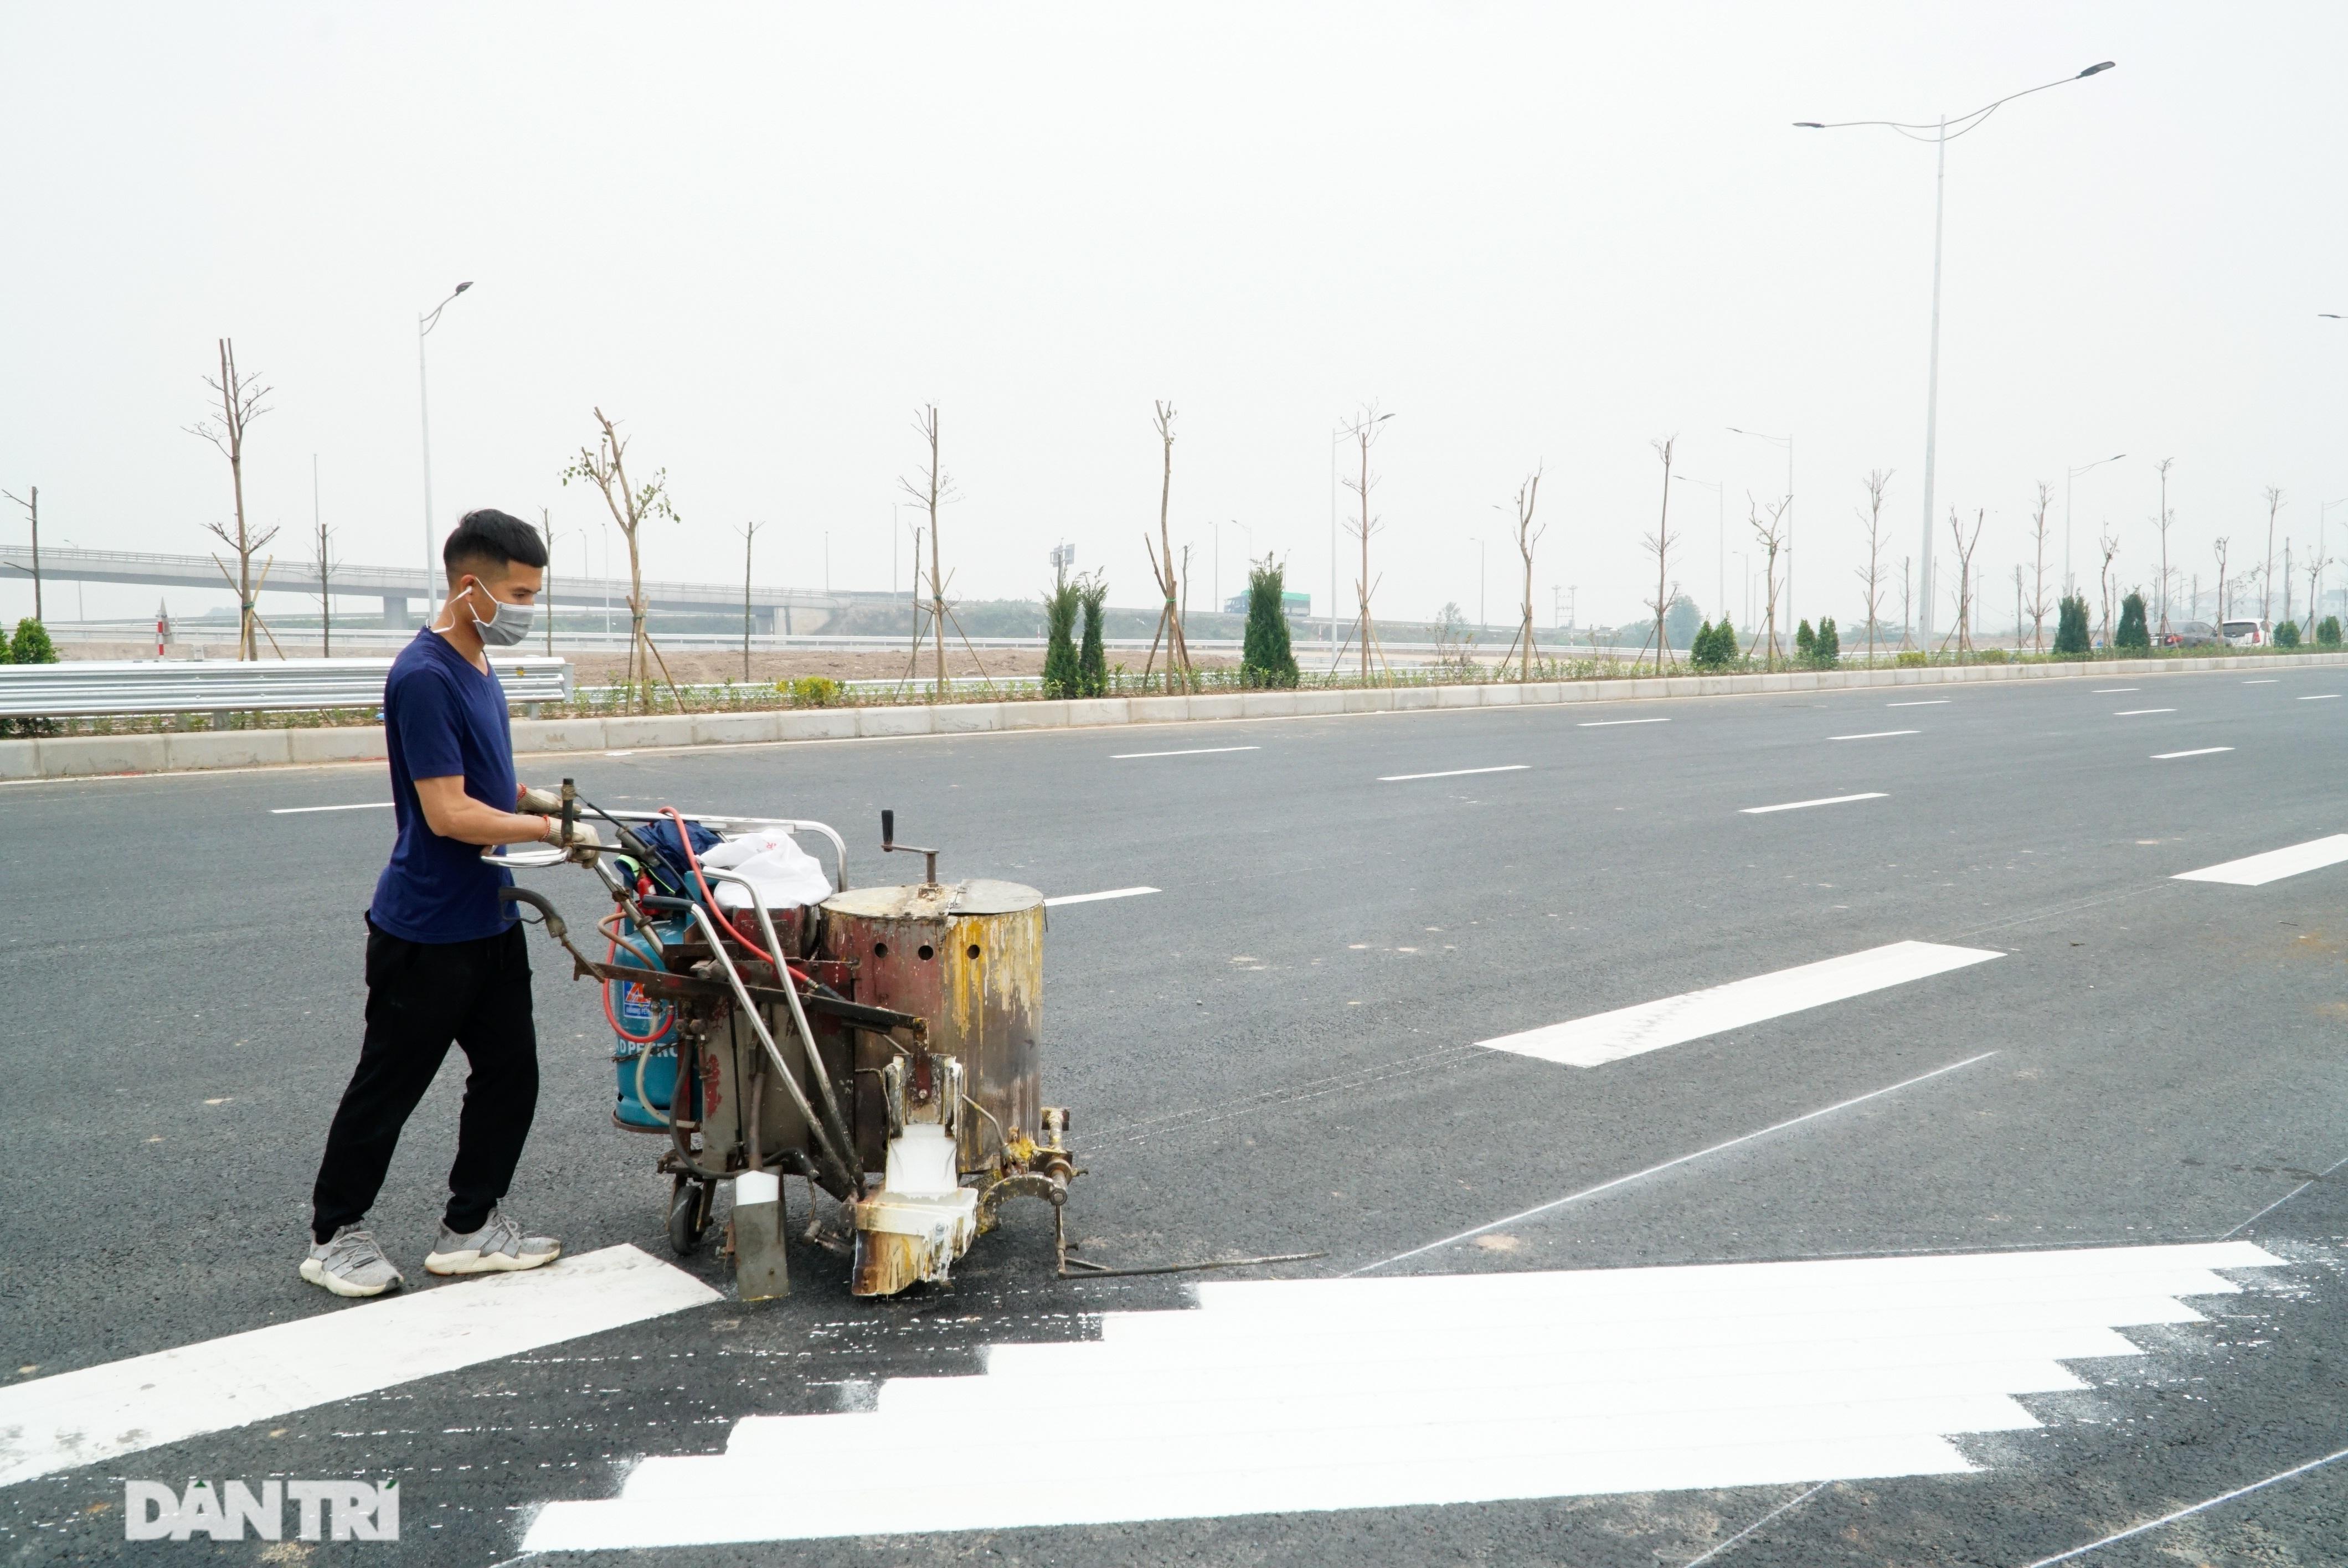 Toàn cảnh nút giao cao tốc hơn 400 tỷ ở Hà Nội trước ngày thông xe - 10